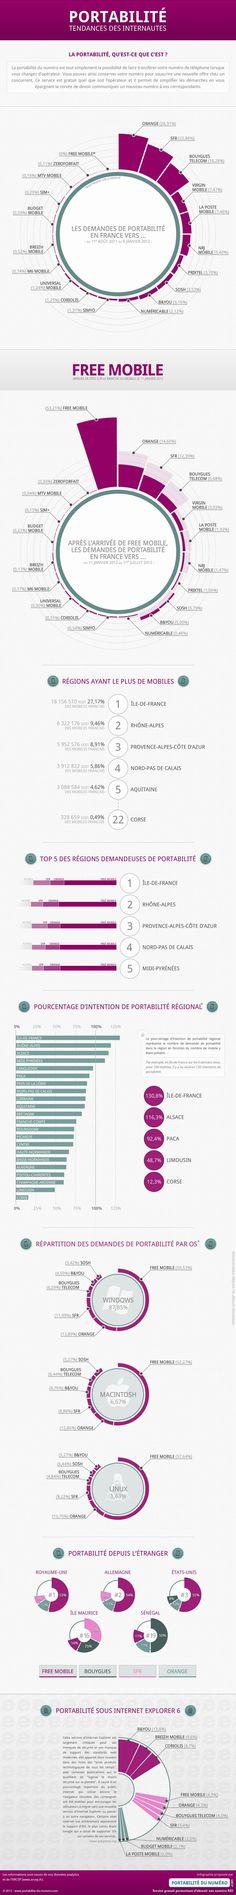 Infographie : la portabilité après l'arrivée de Free by http://www.portabilite-du-numero.com